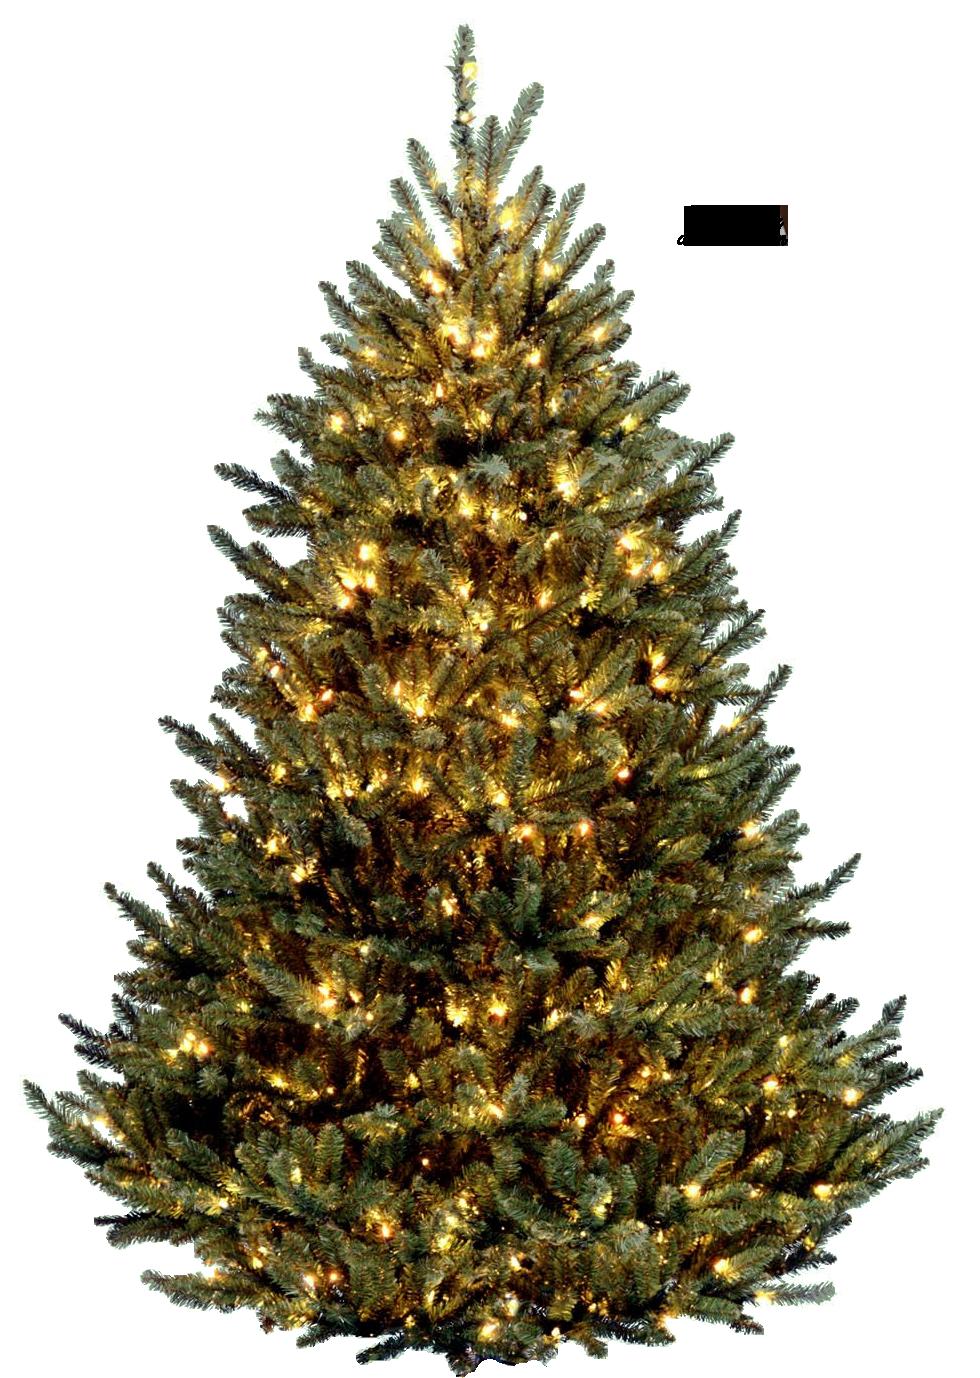 Christmas Tree PNG - 6117